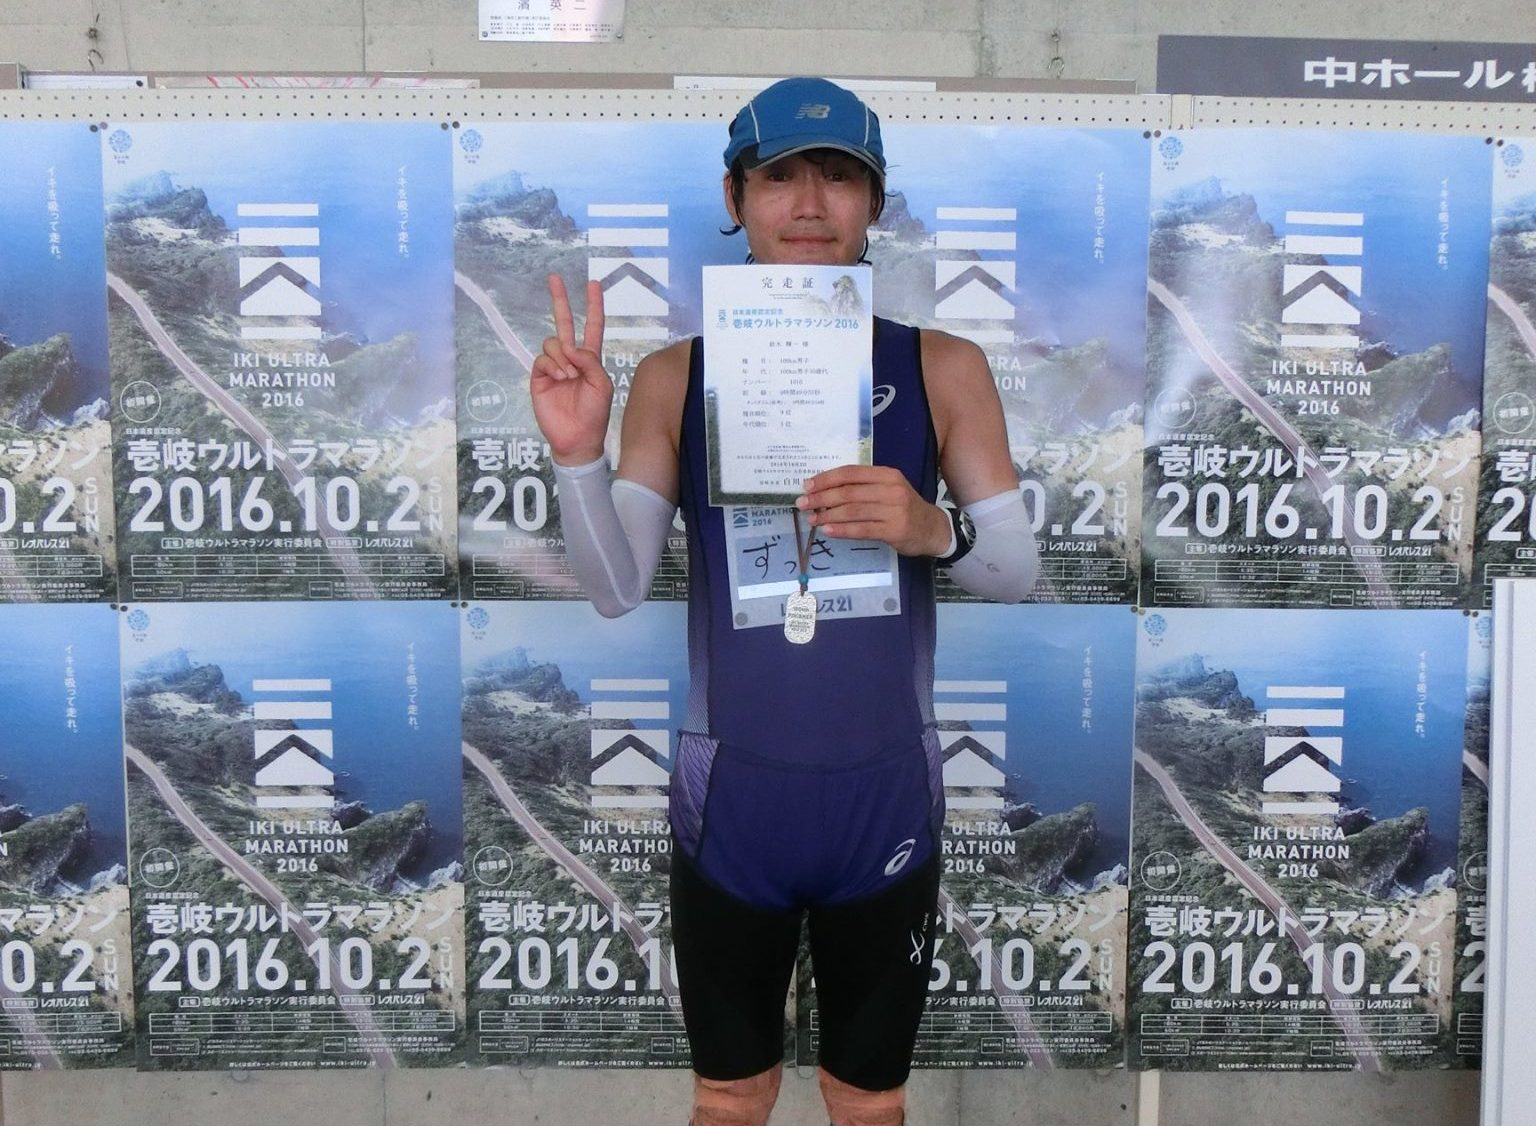 壱岐ウルトラマラソン完走記2016 ~島ウルトラに新たな名乗り!~